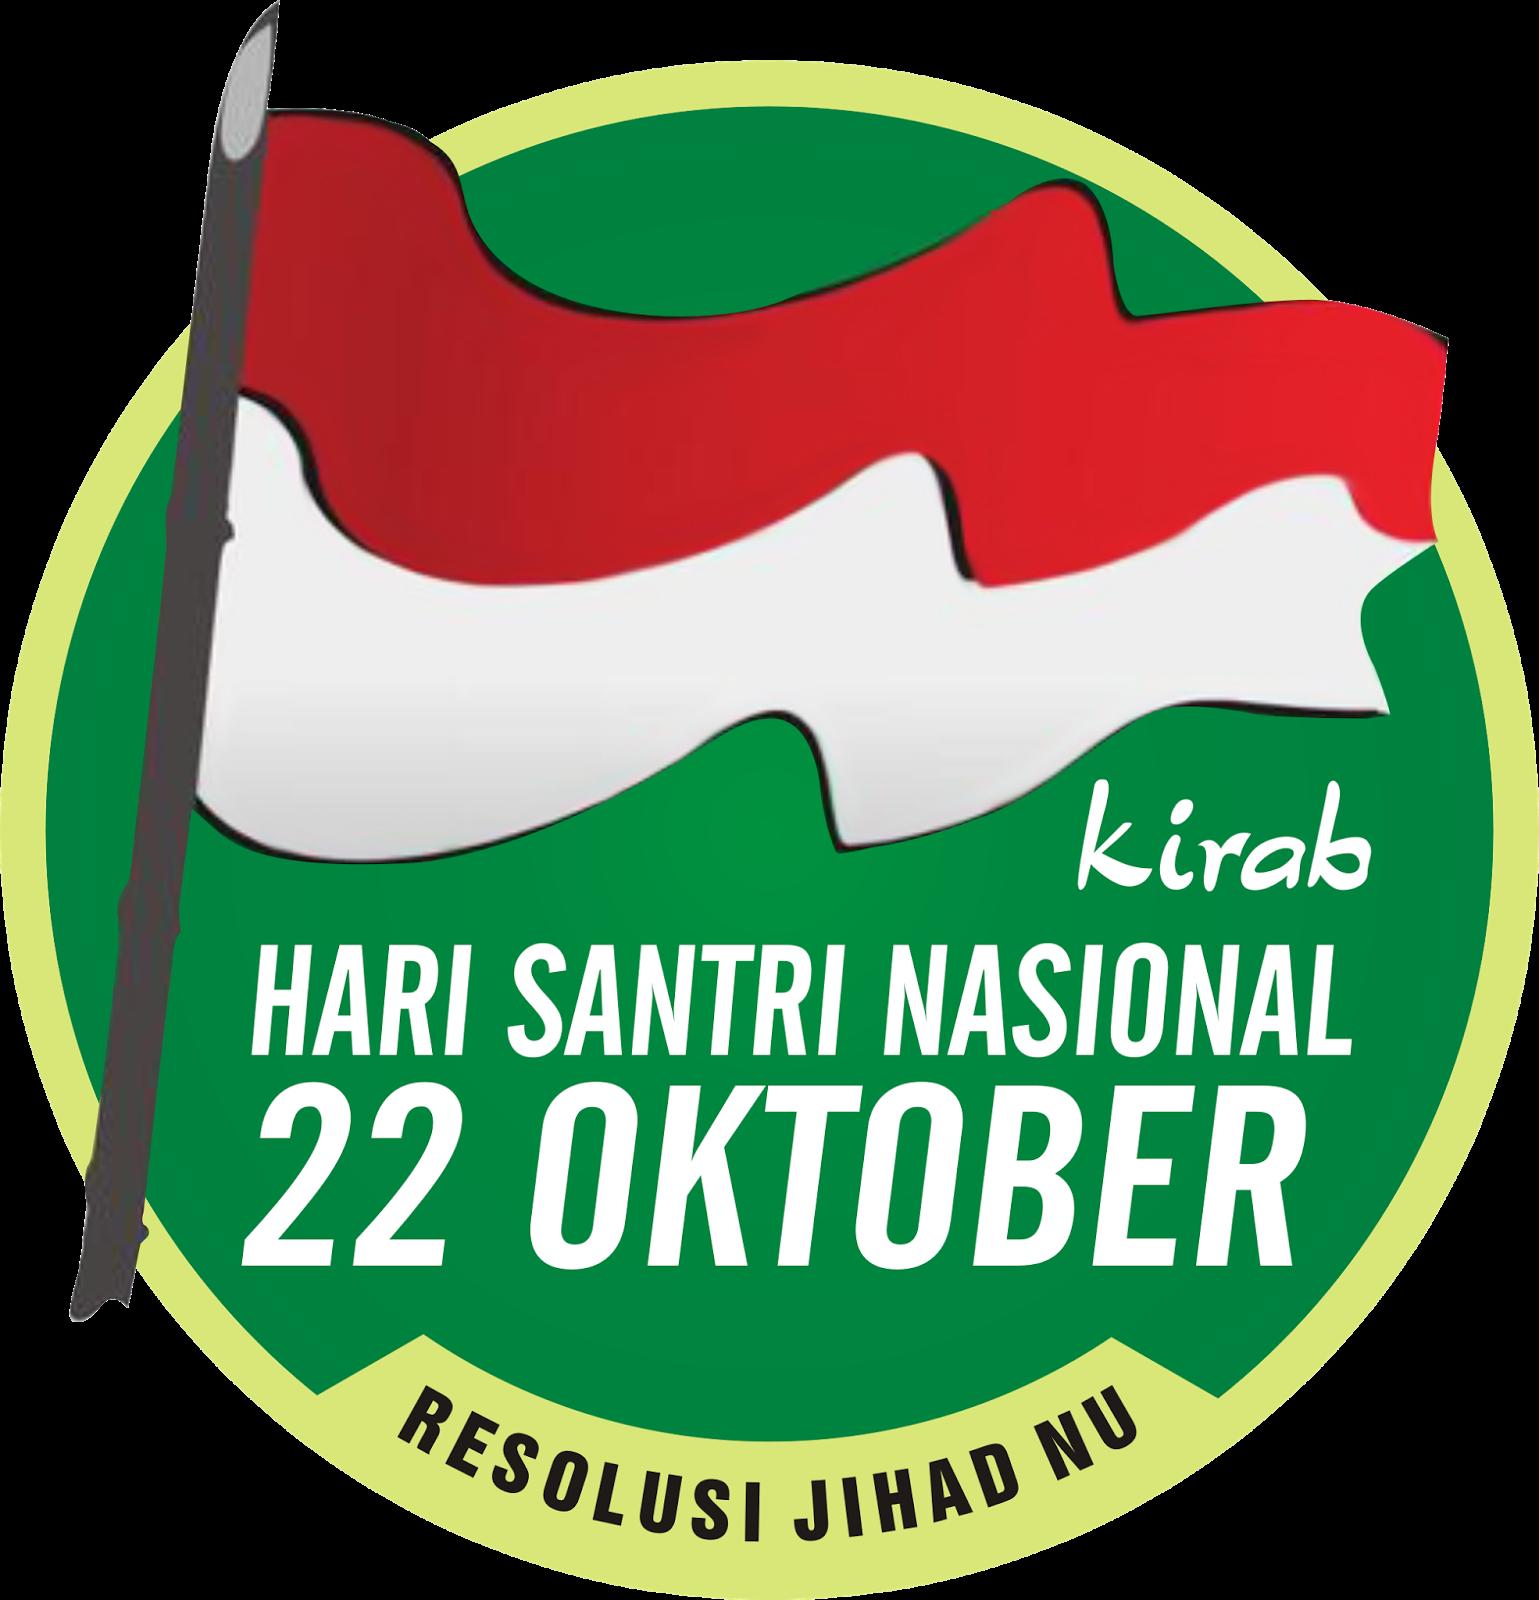 Sejarah Sholawat Nariyah di 22 Oktober Hari Santri Nasional